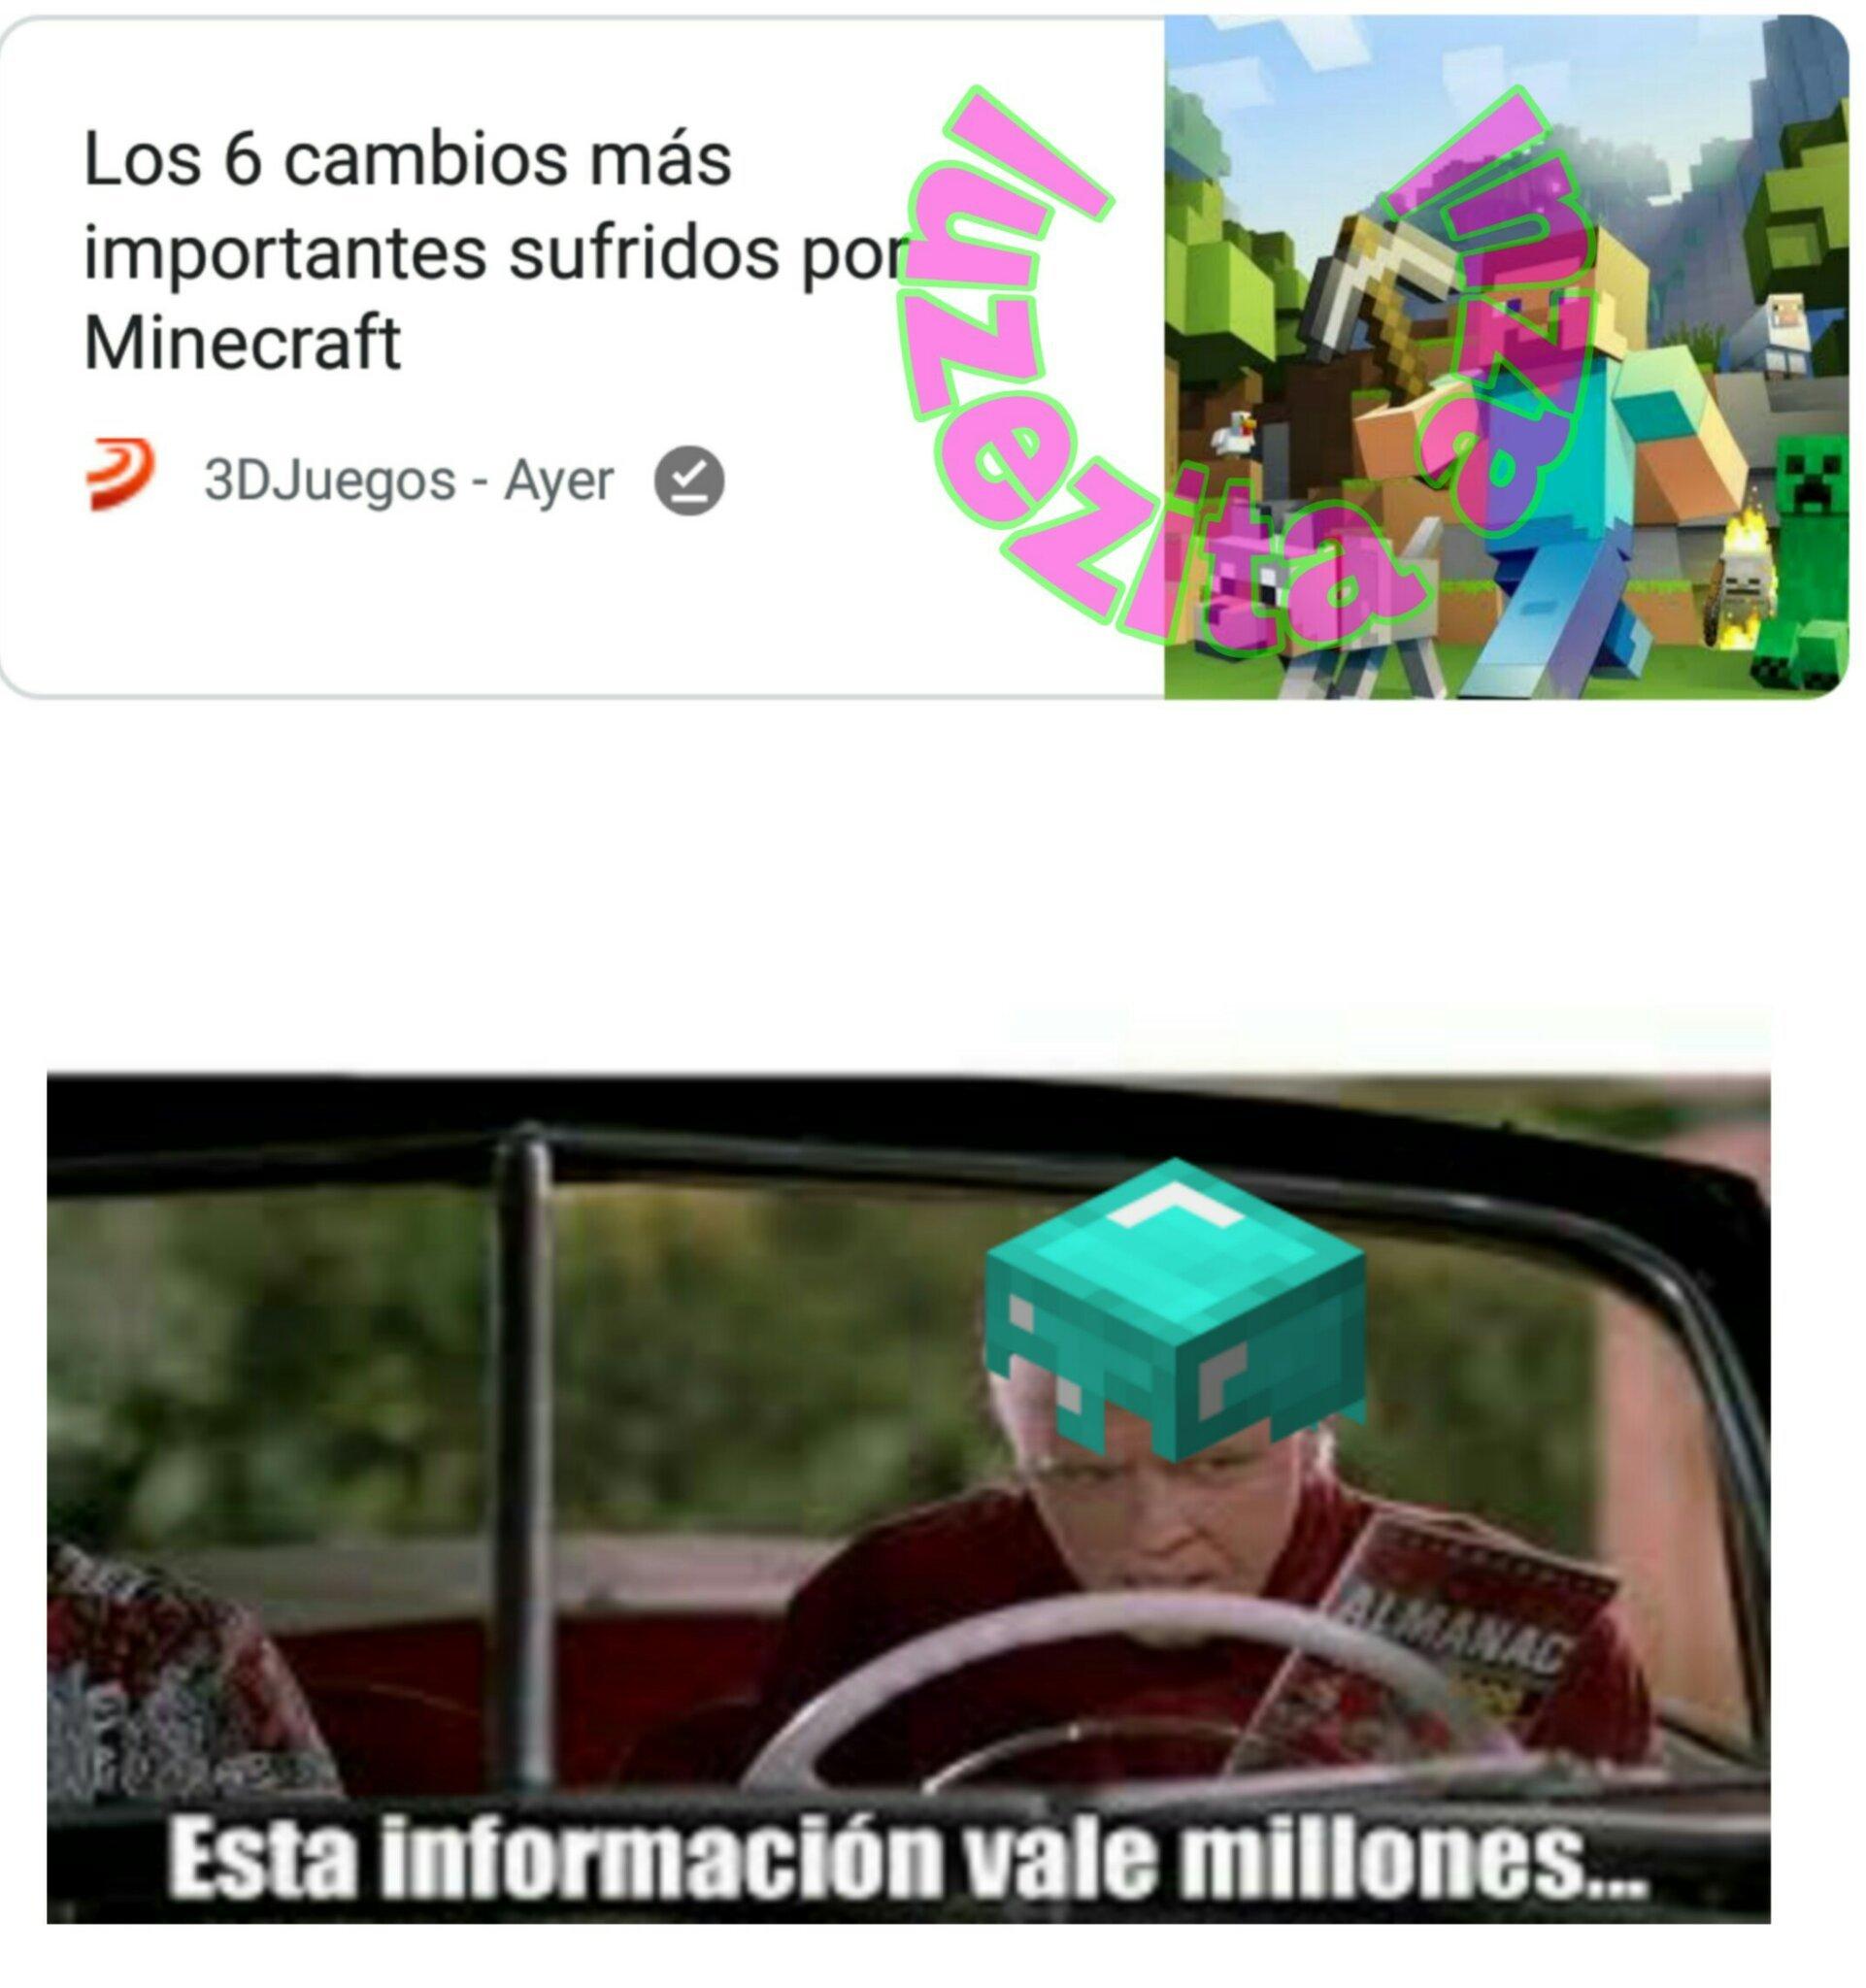 El meme esta picando diamante